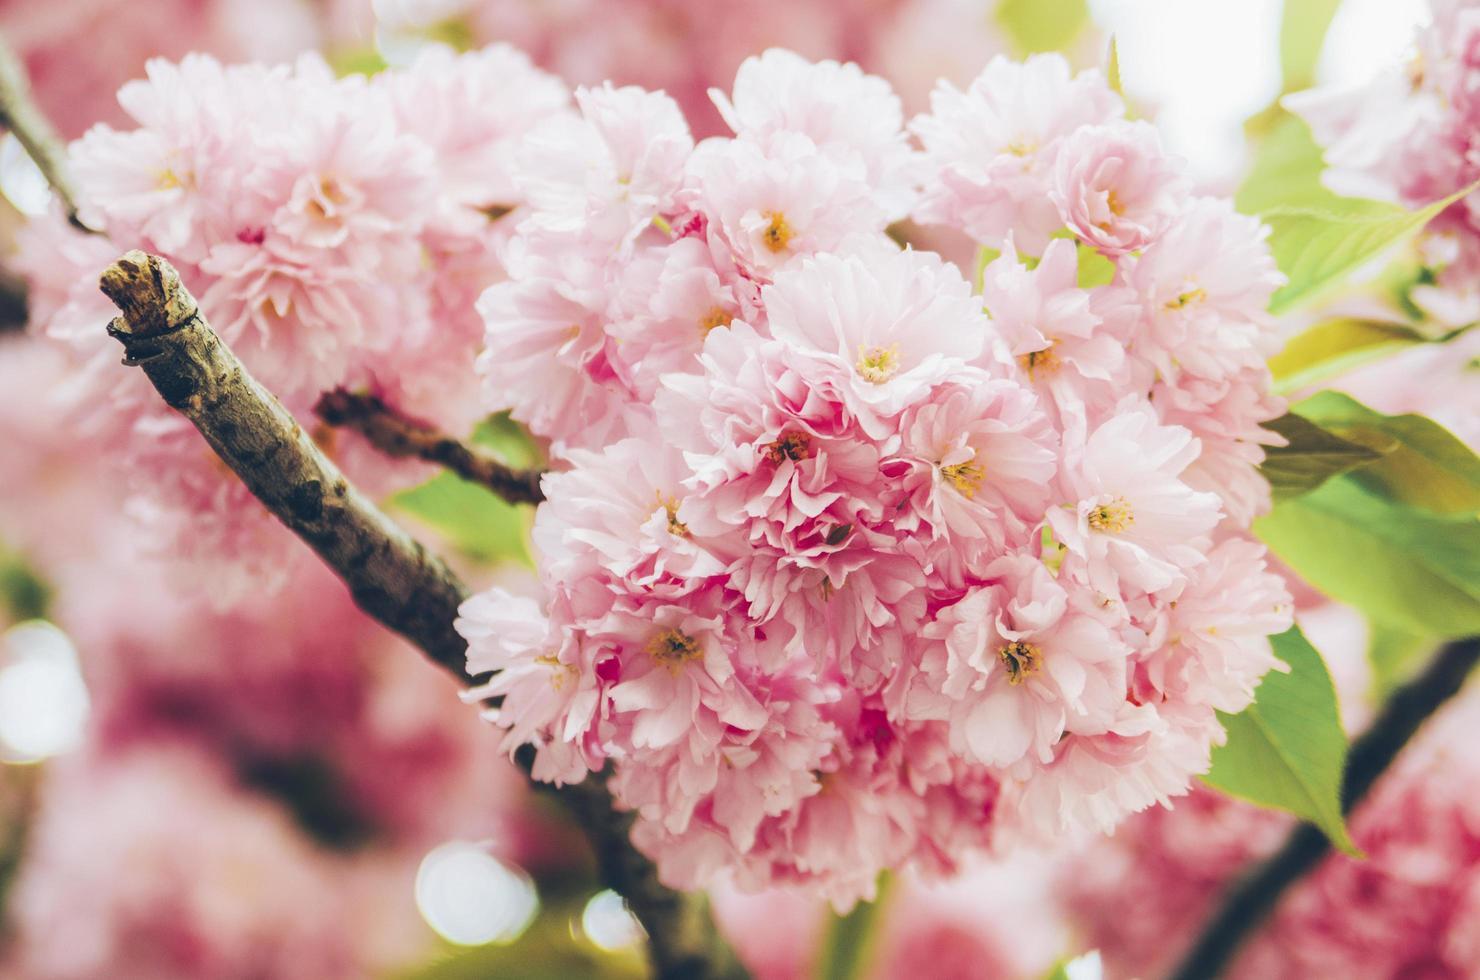 fleurs de pommier rose photo